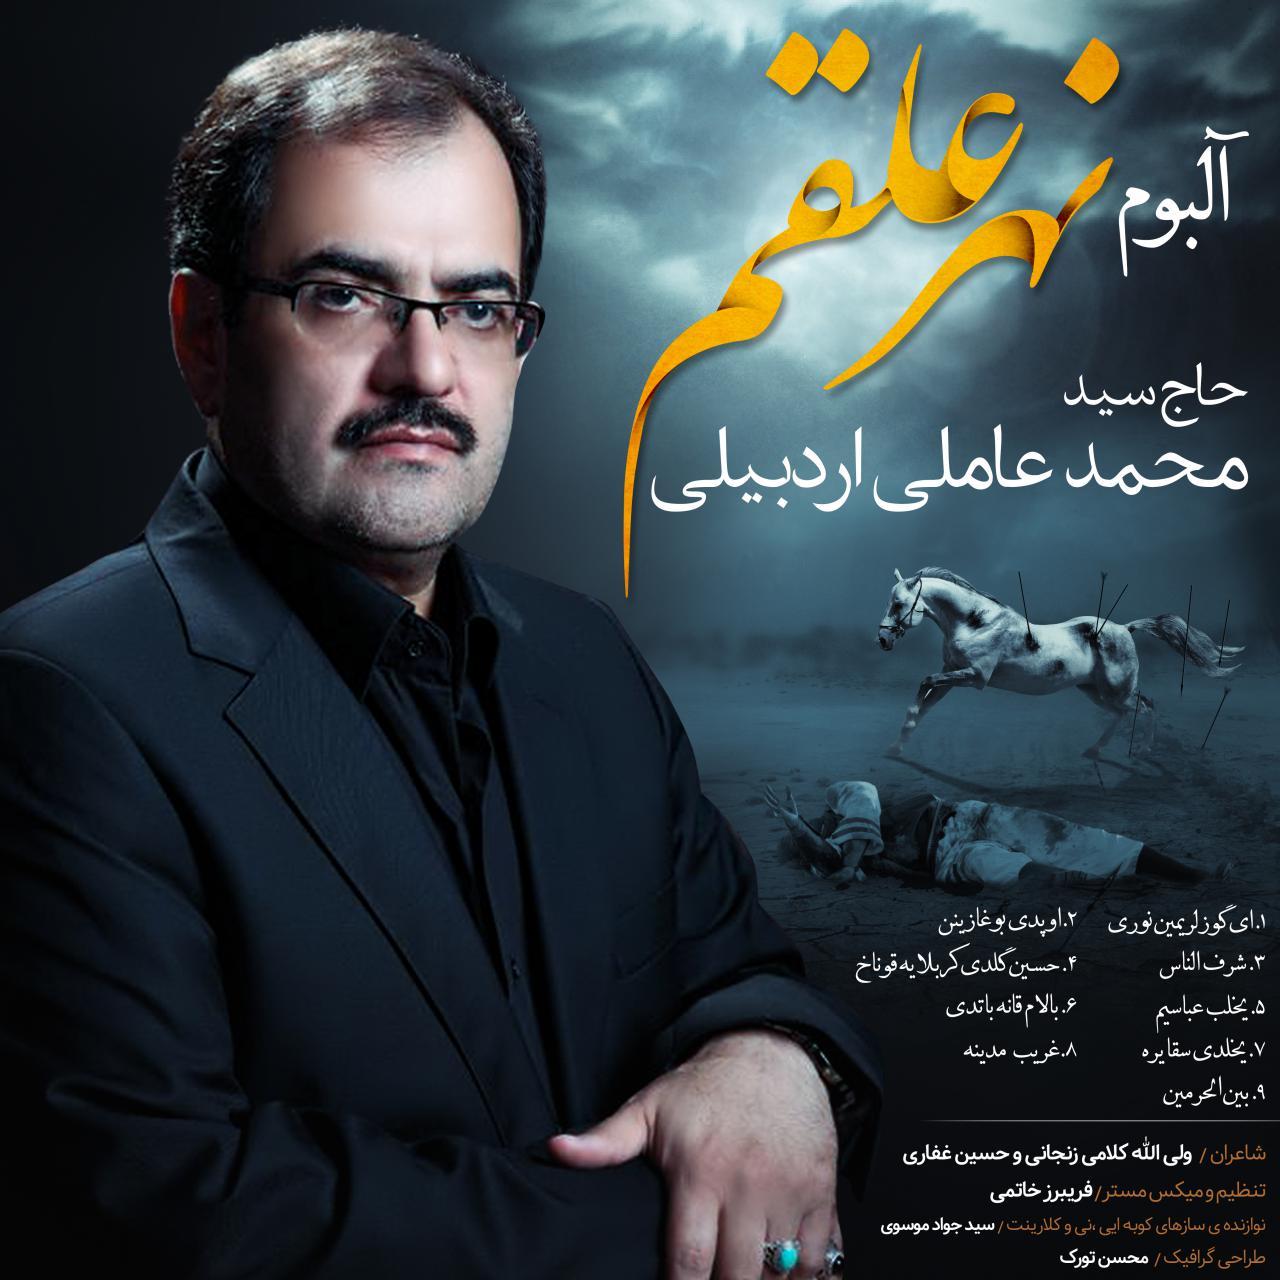 تصویر از آلبوم نوحه ترکی سید محمد عاملی به نام نهر علقم